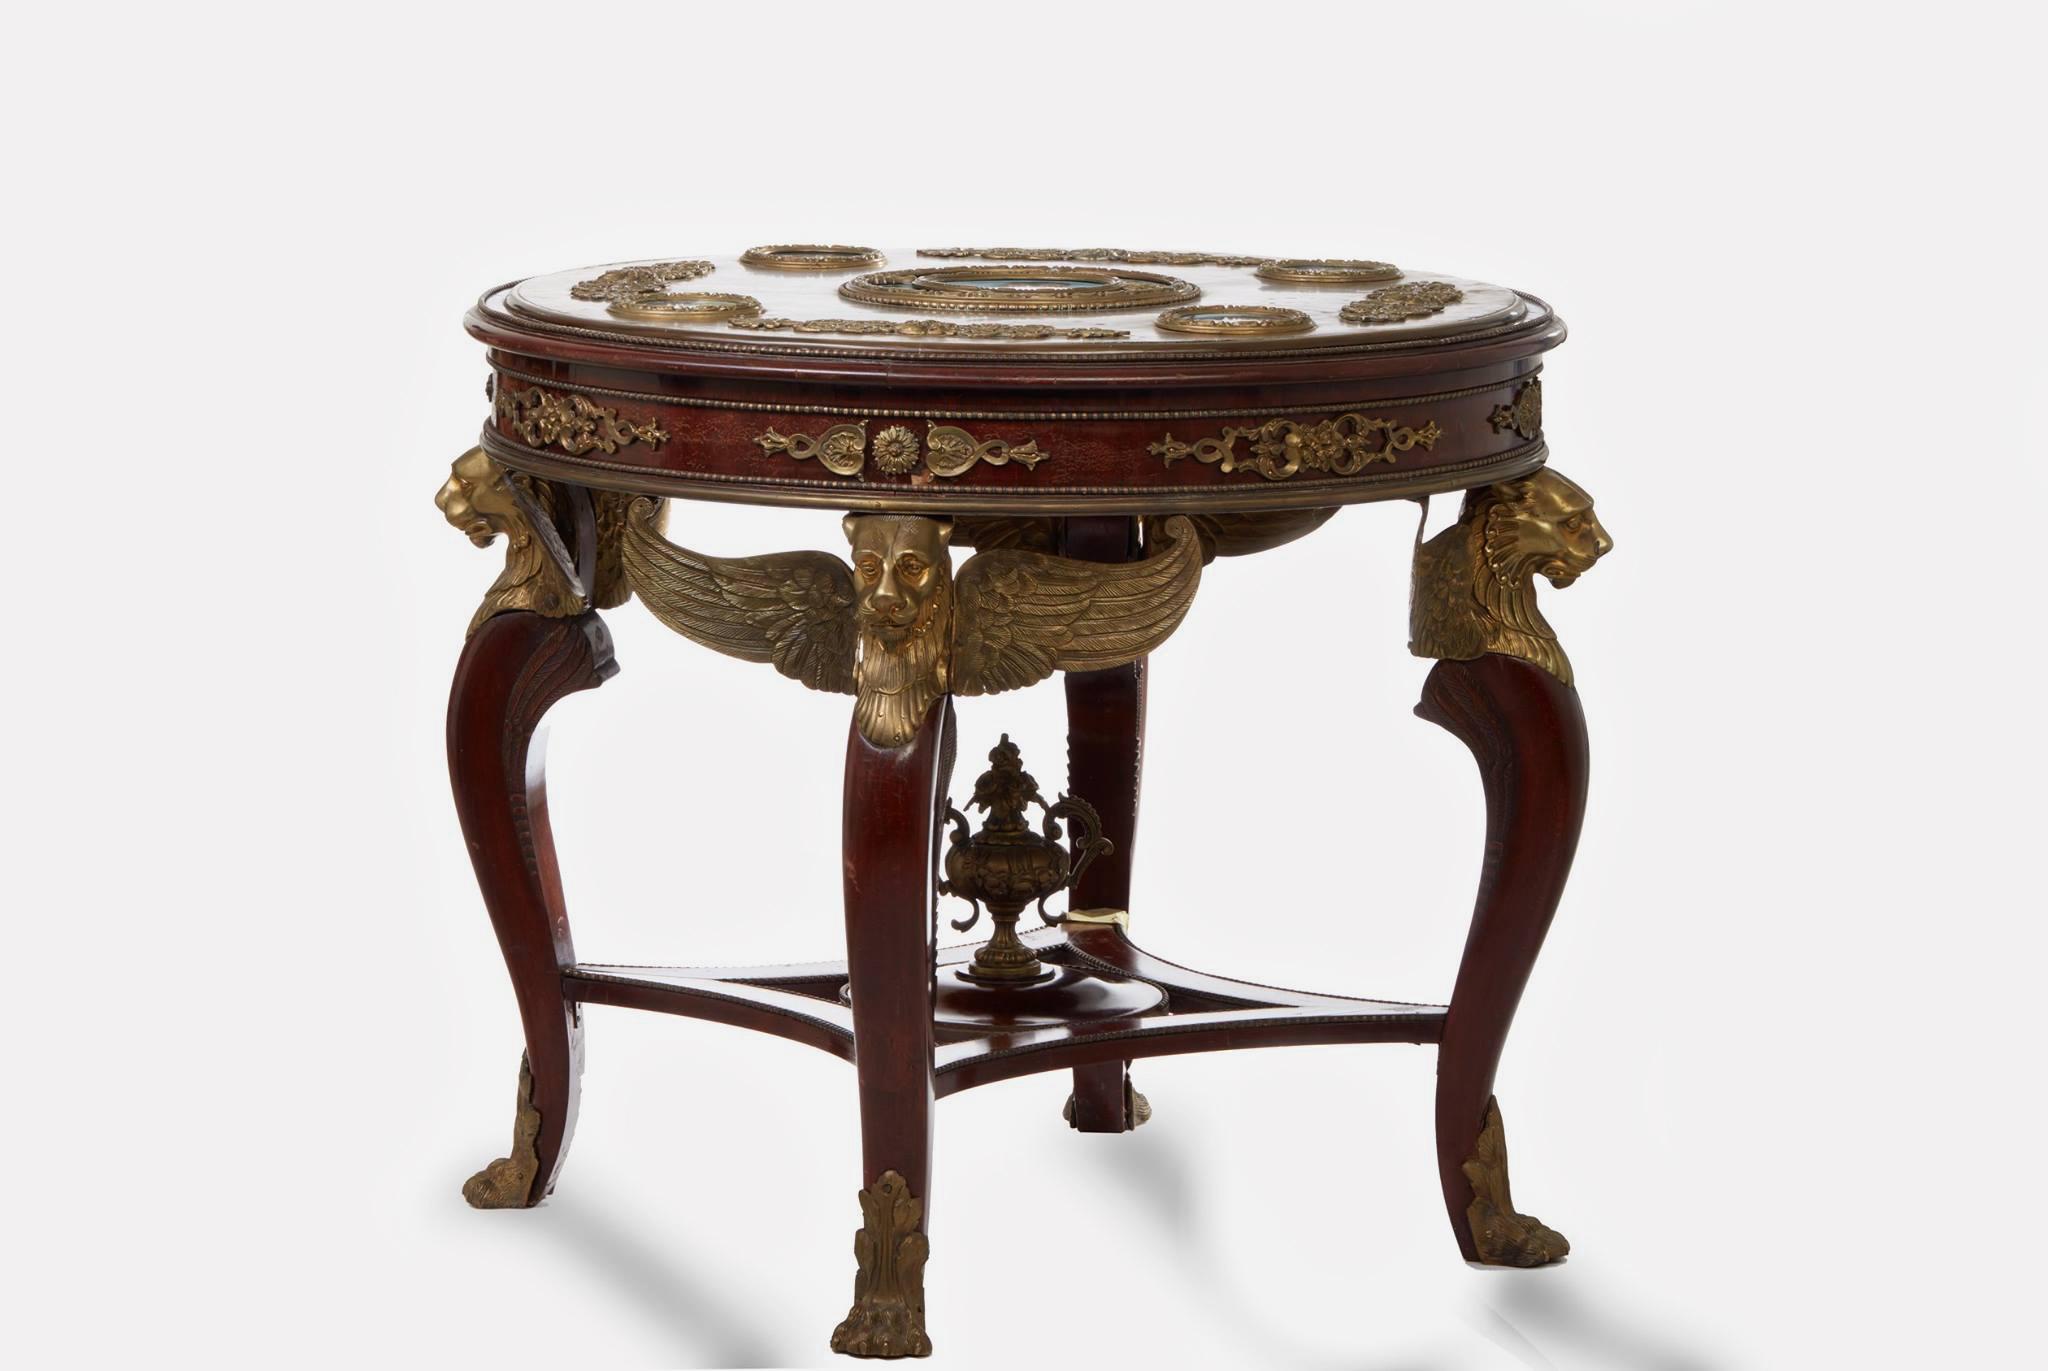 Сувенирный стол с медальонами по оригиналам Василия Верещагина